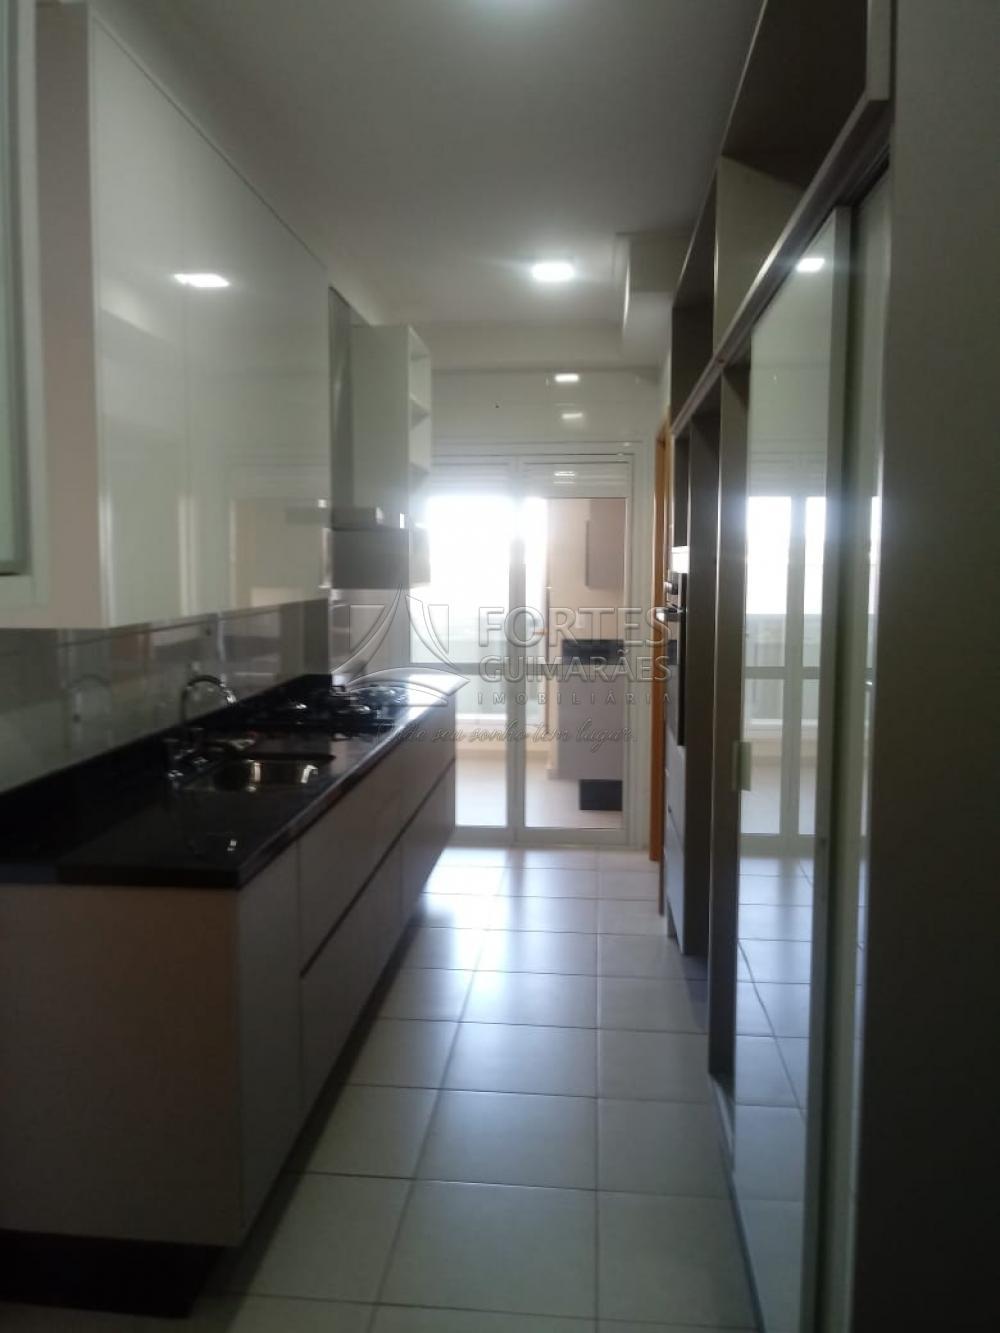 Alugar Apartamentos / Padrão em Ribeirão Preto apenas R$ 3.200,00 - Foto 9